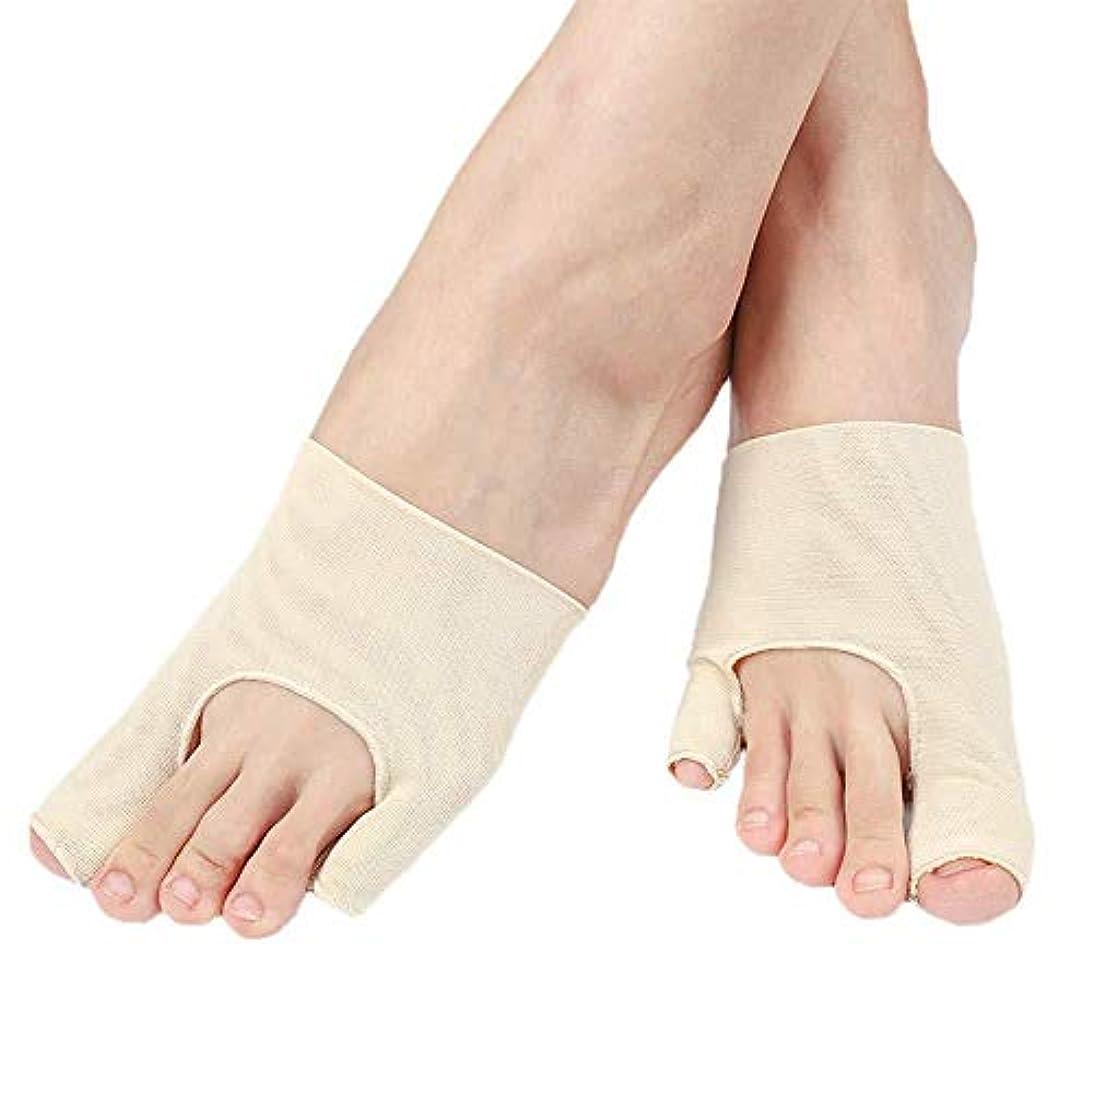 誤解を招くブラウズプラスチックつま先セパレーター、Orthoticsの足の親指の矯正、つま先の痛み緩和スリーブ、外反母painの痛みを緩和するための組み込みシリコンゲルパッド,L